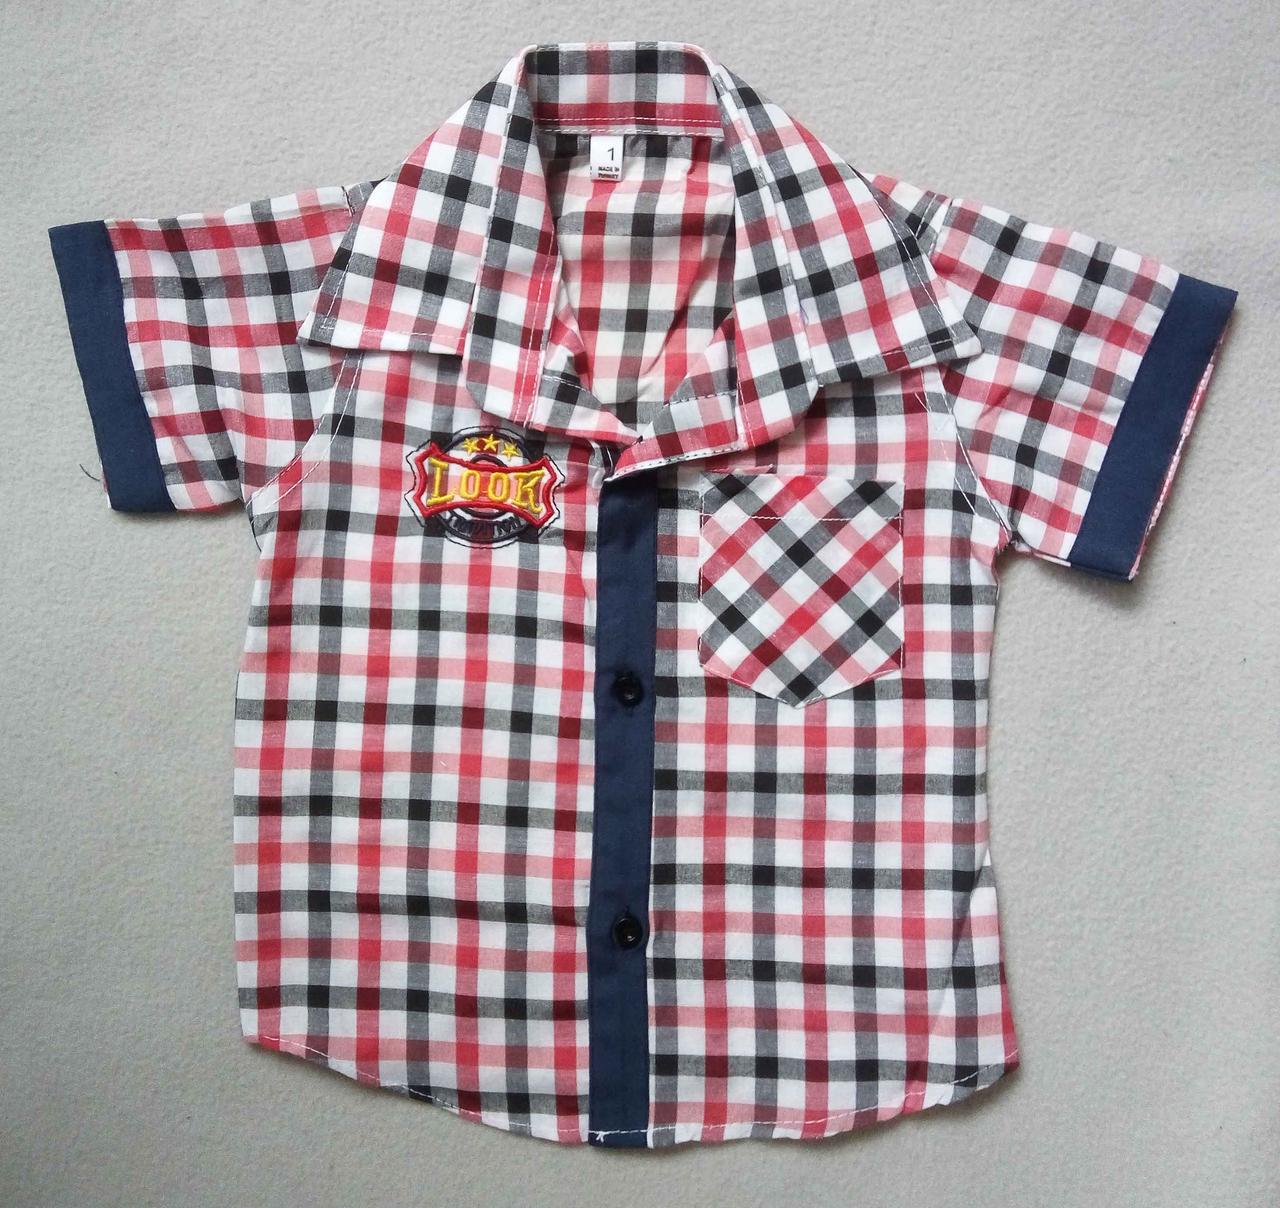 170a59feee2 Детская рубашка с коротким рукавом в клетку для мальчиков 1-4 года -  Интернет магазин